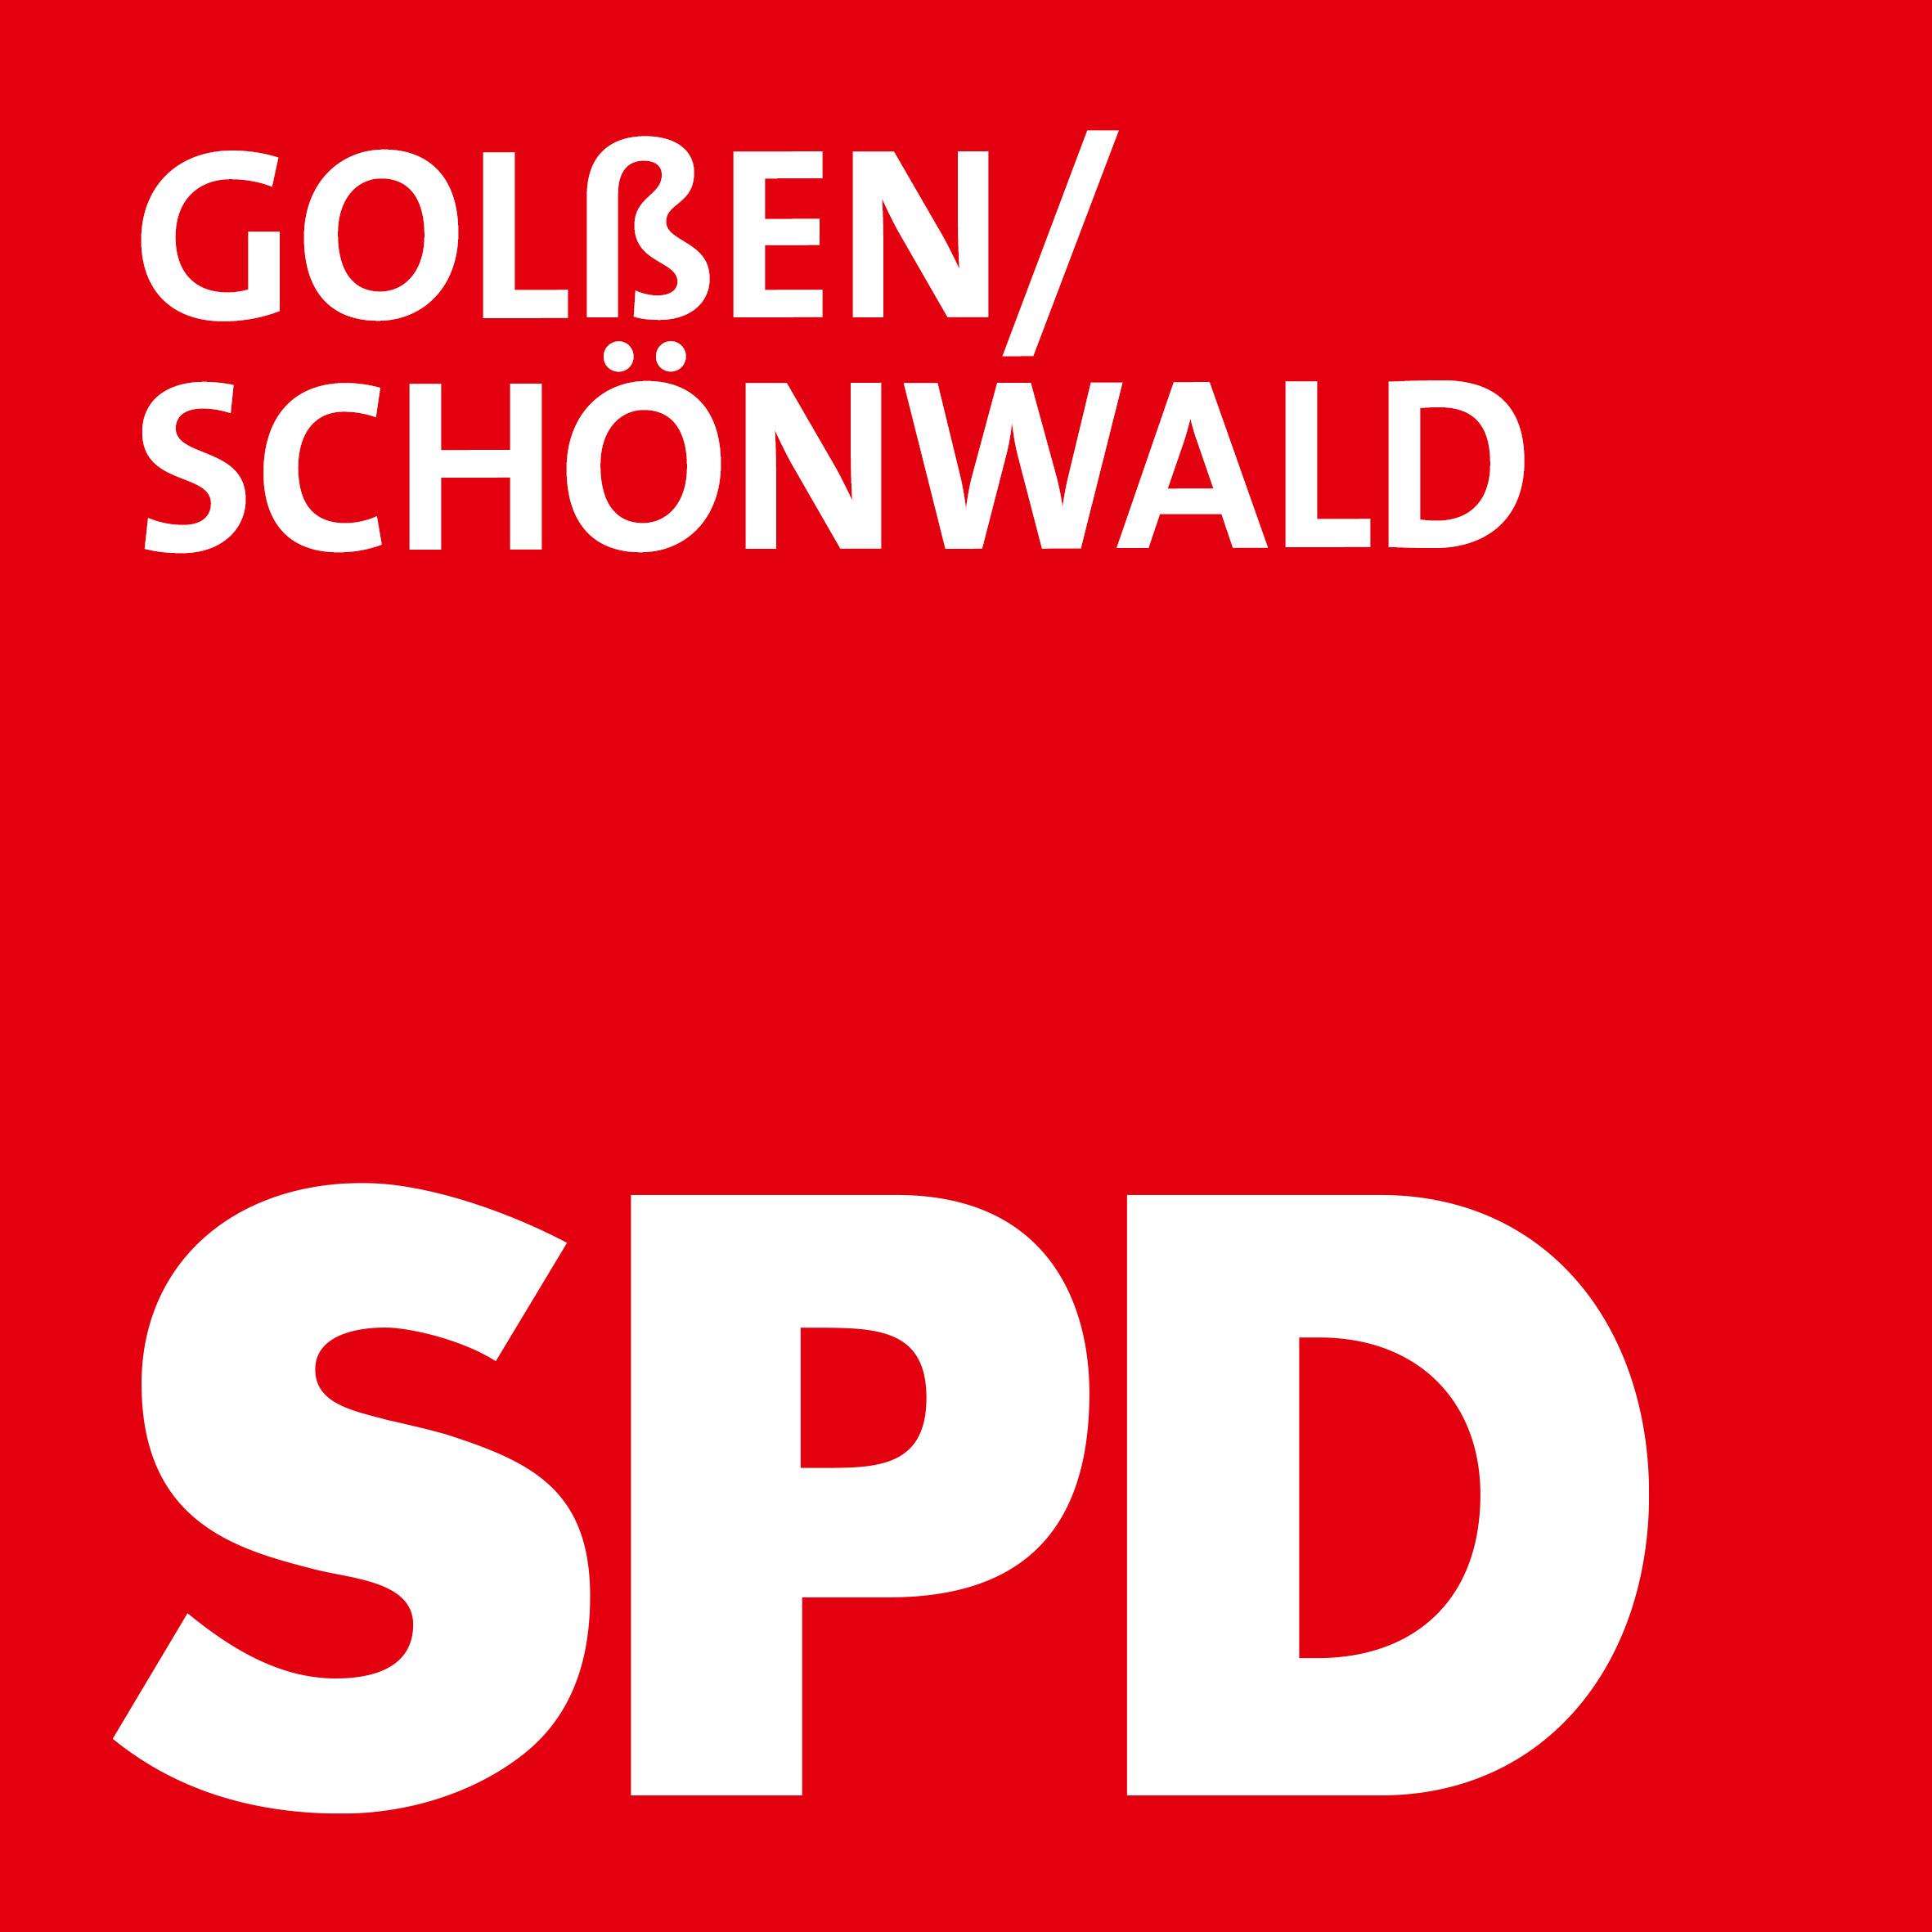 SPD Golßen/Schönwald